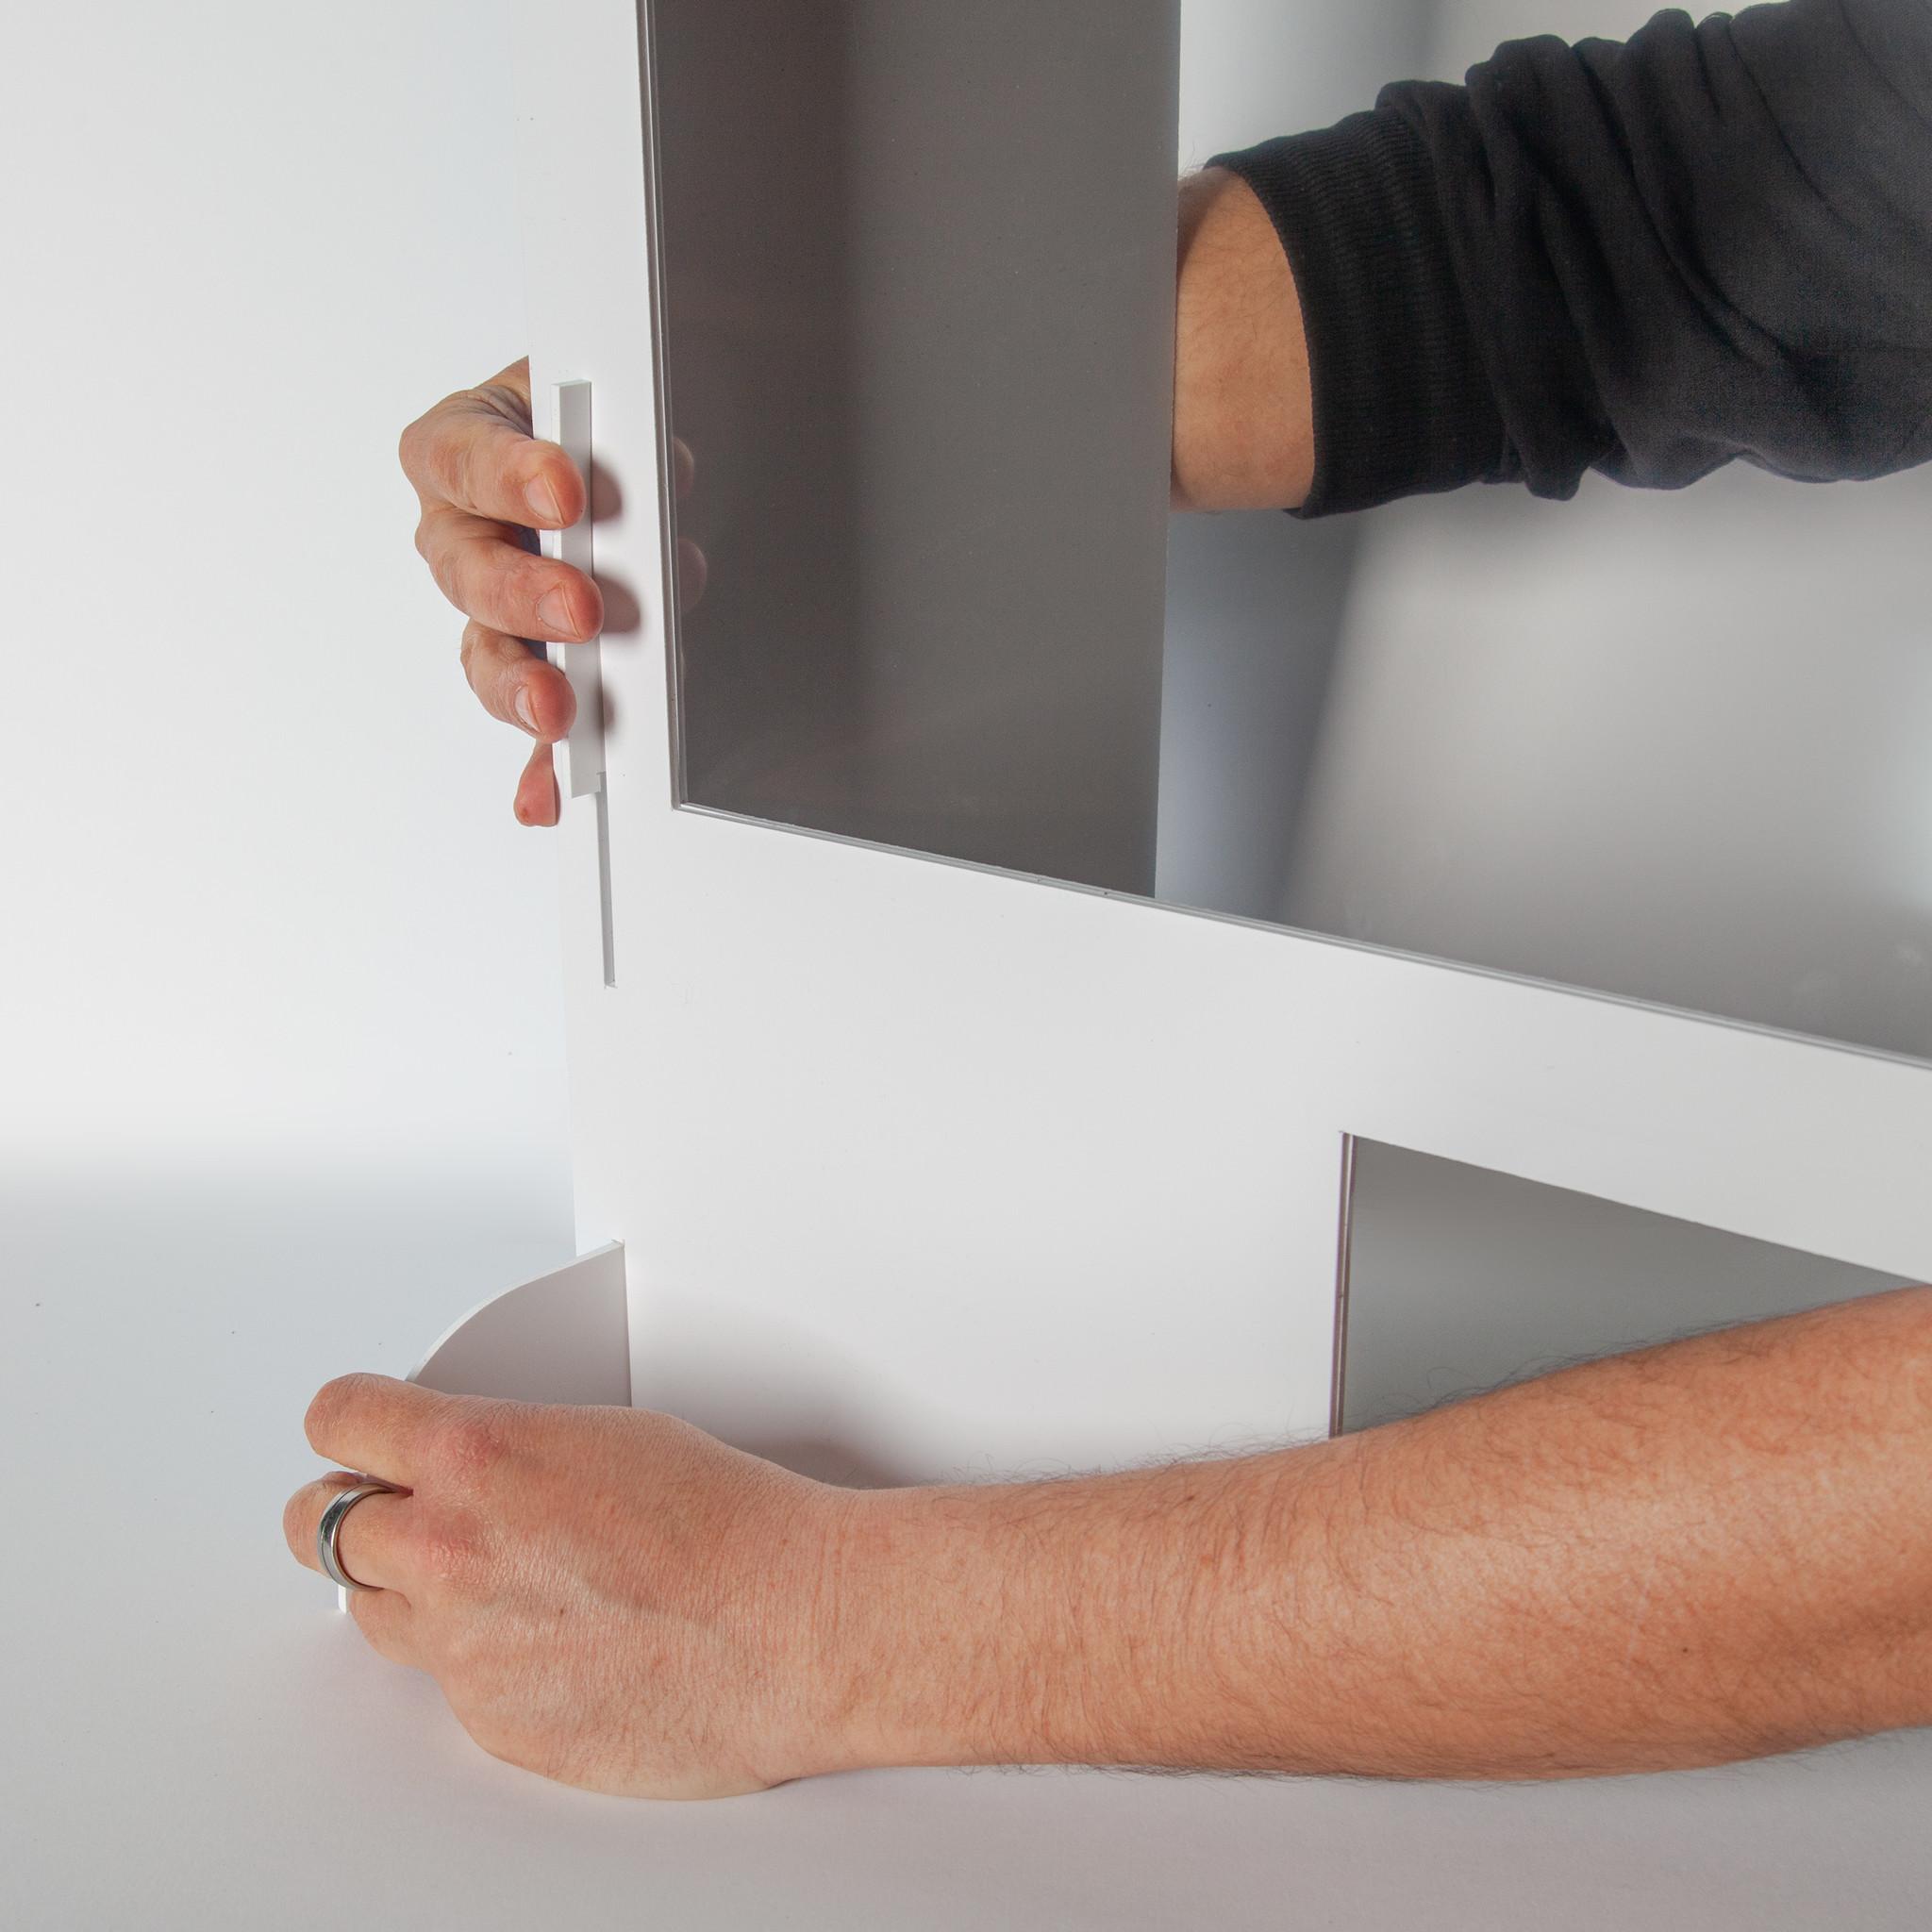 Spuckschutz | SpuckNo | breit für hohe Handauflage